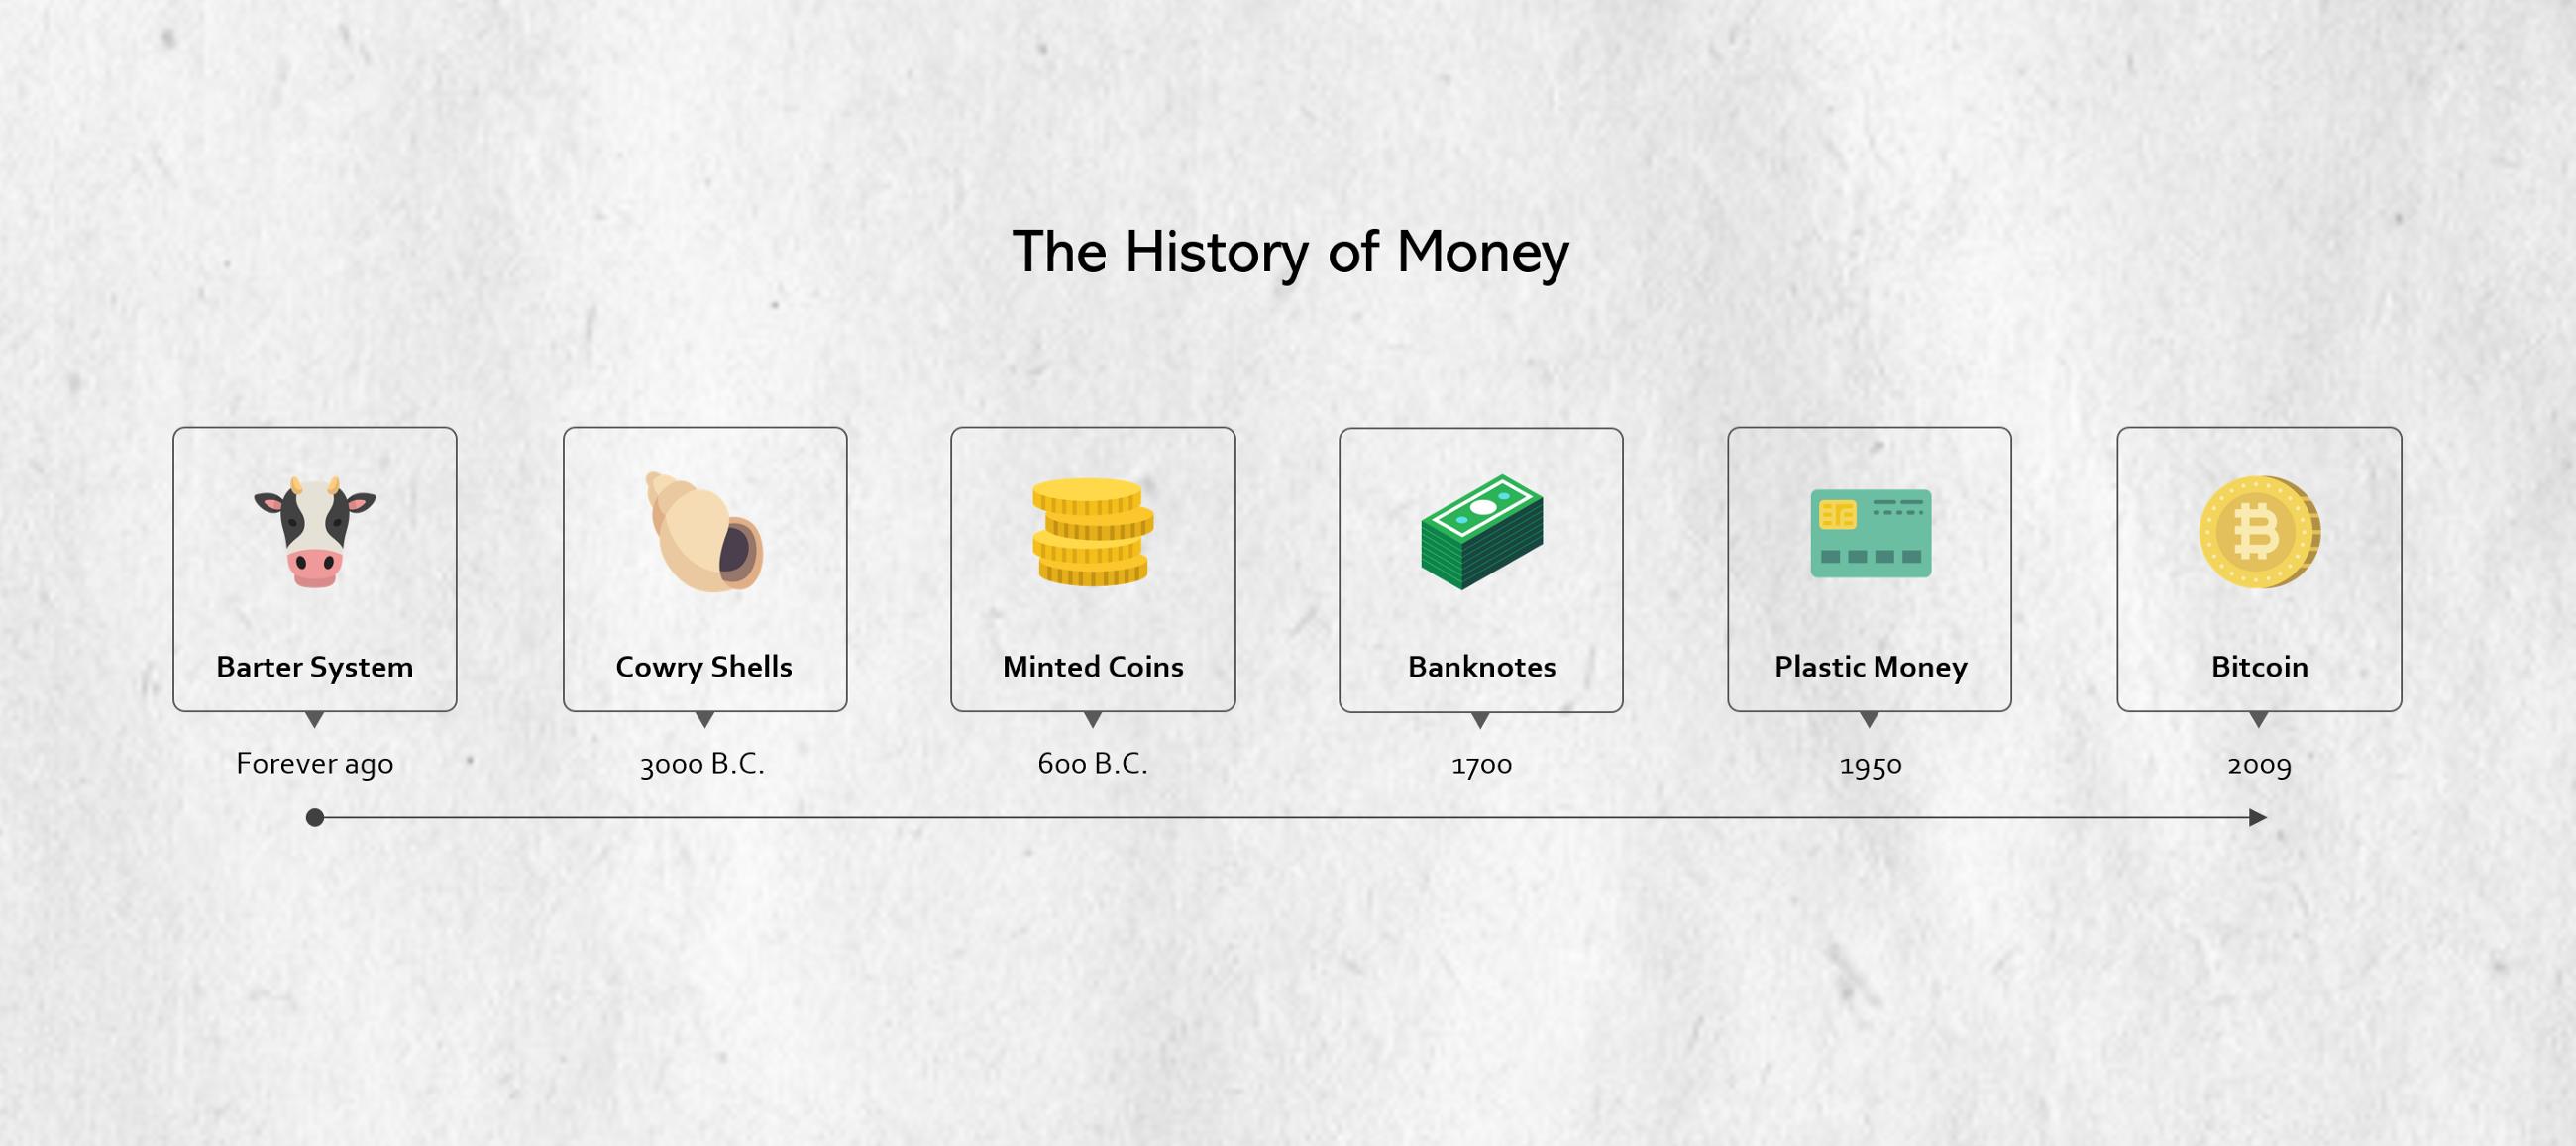 비트코인은 미래의 돈일까요?